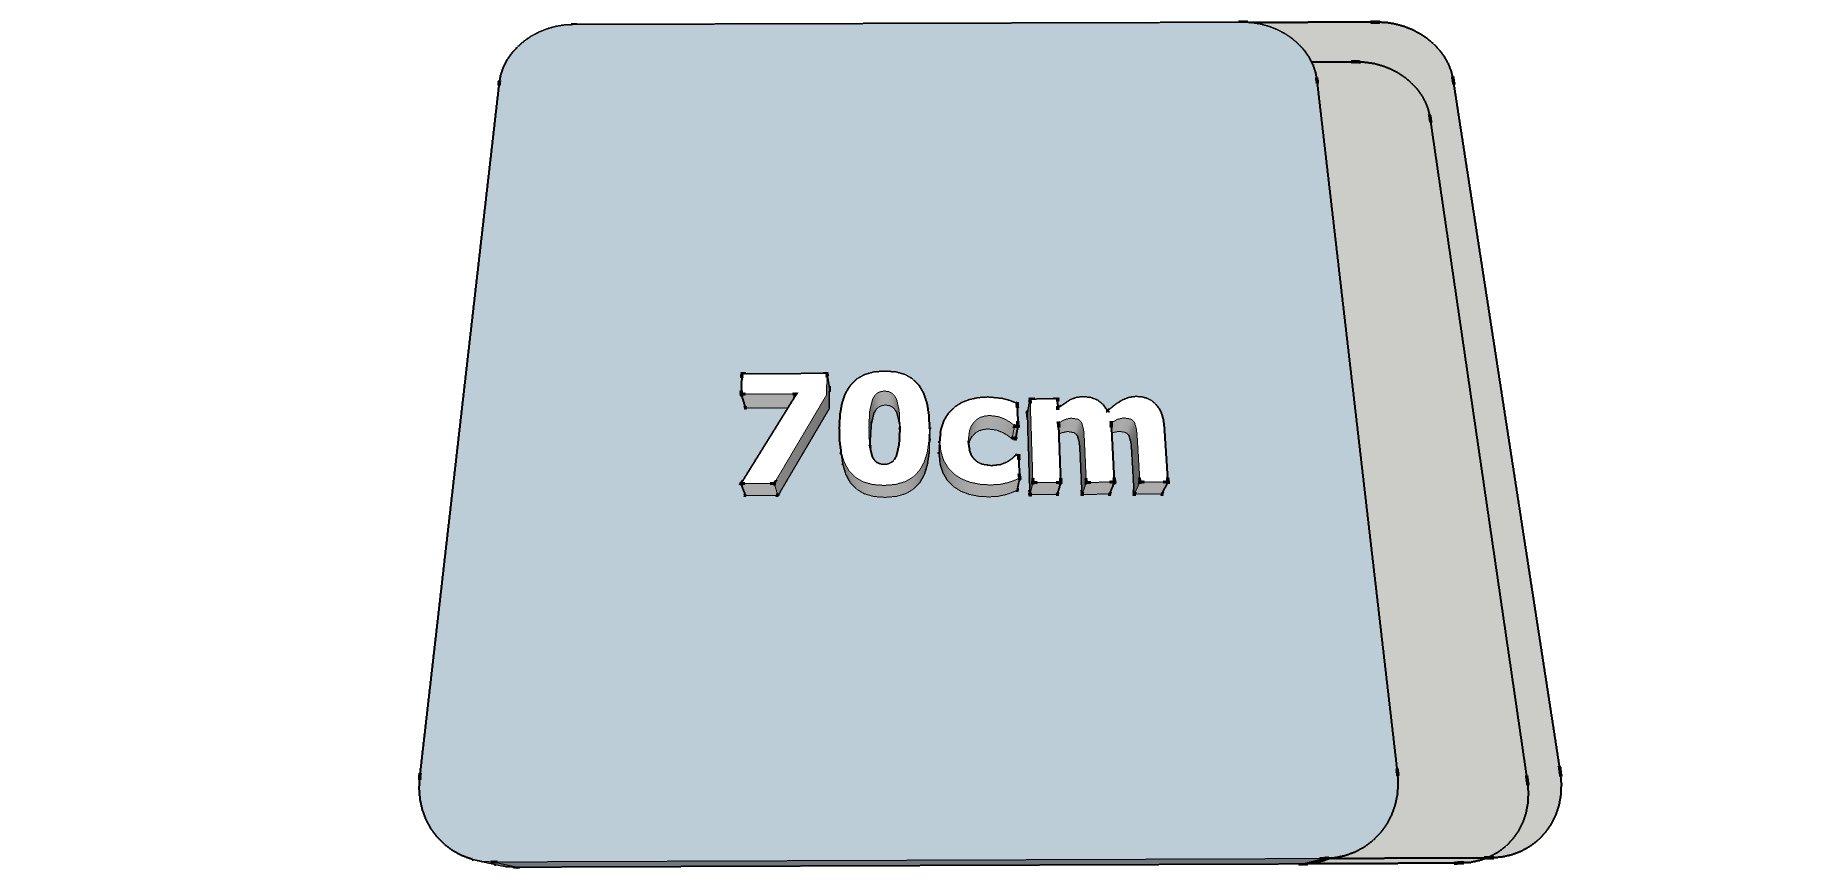 Afwijkende breedte (70cm)